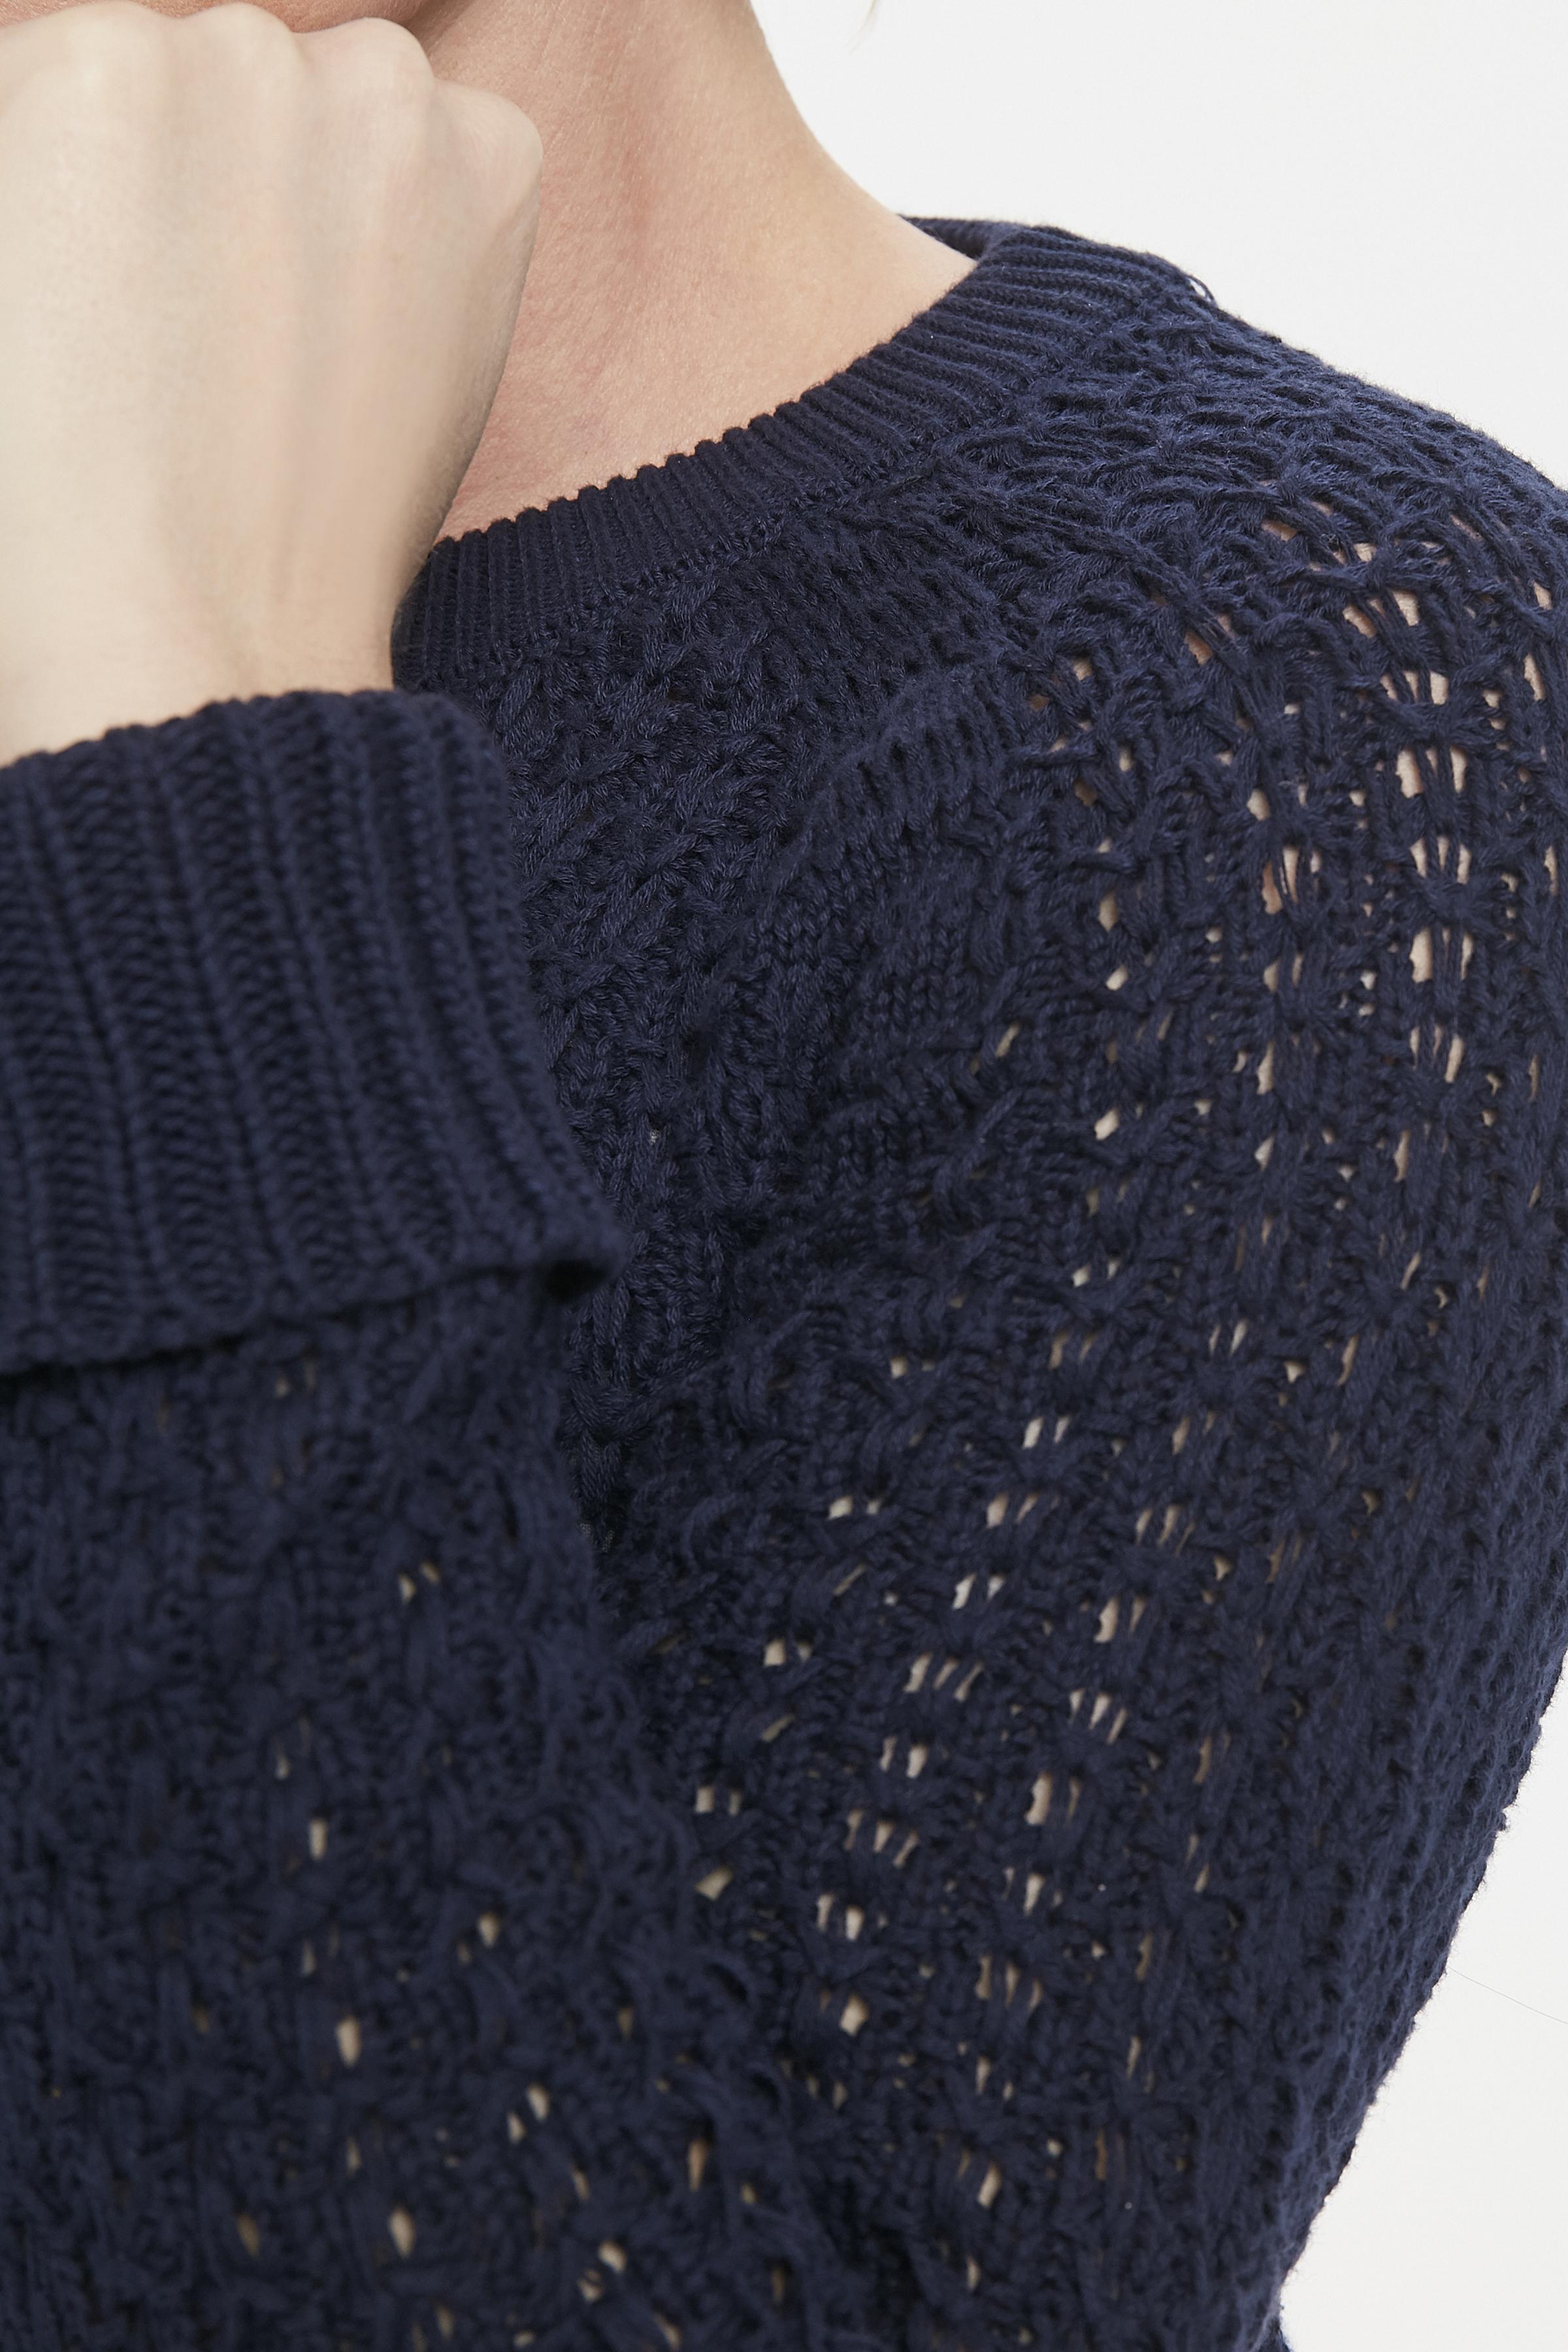 Marinblå Stickad tröja från Fransa – Köp Marinblå Stickad tröja från stl. XS-XXL här